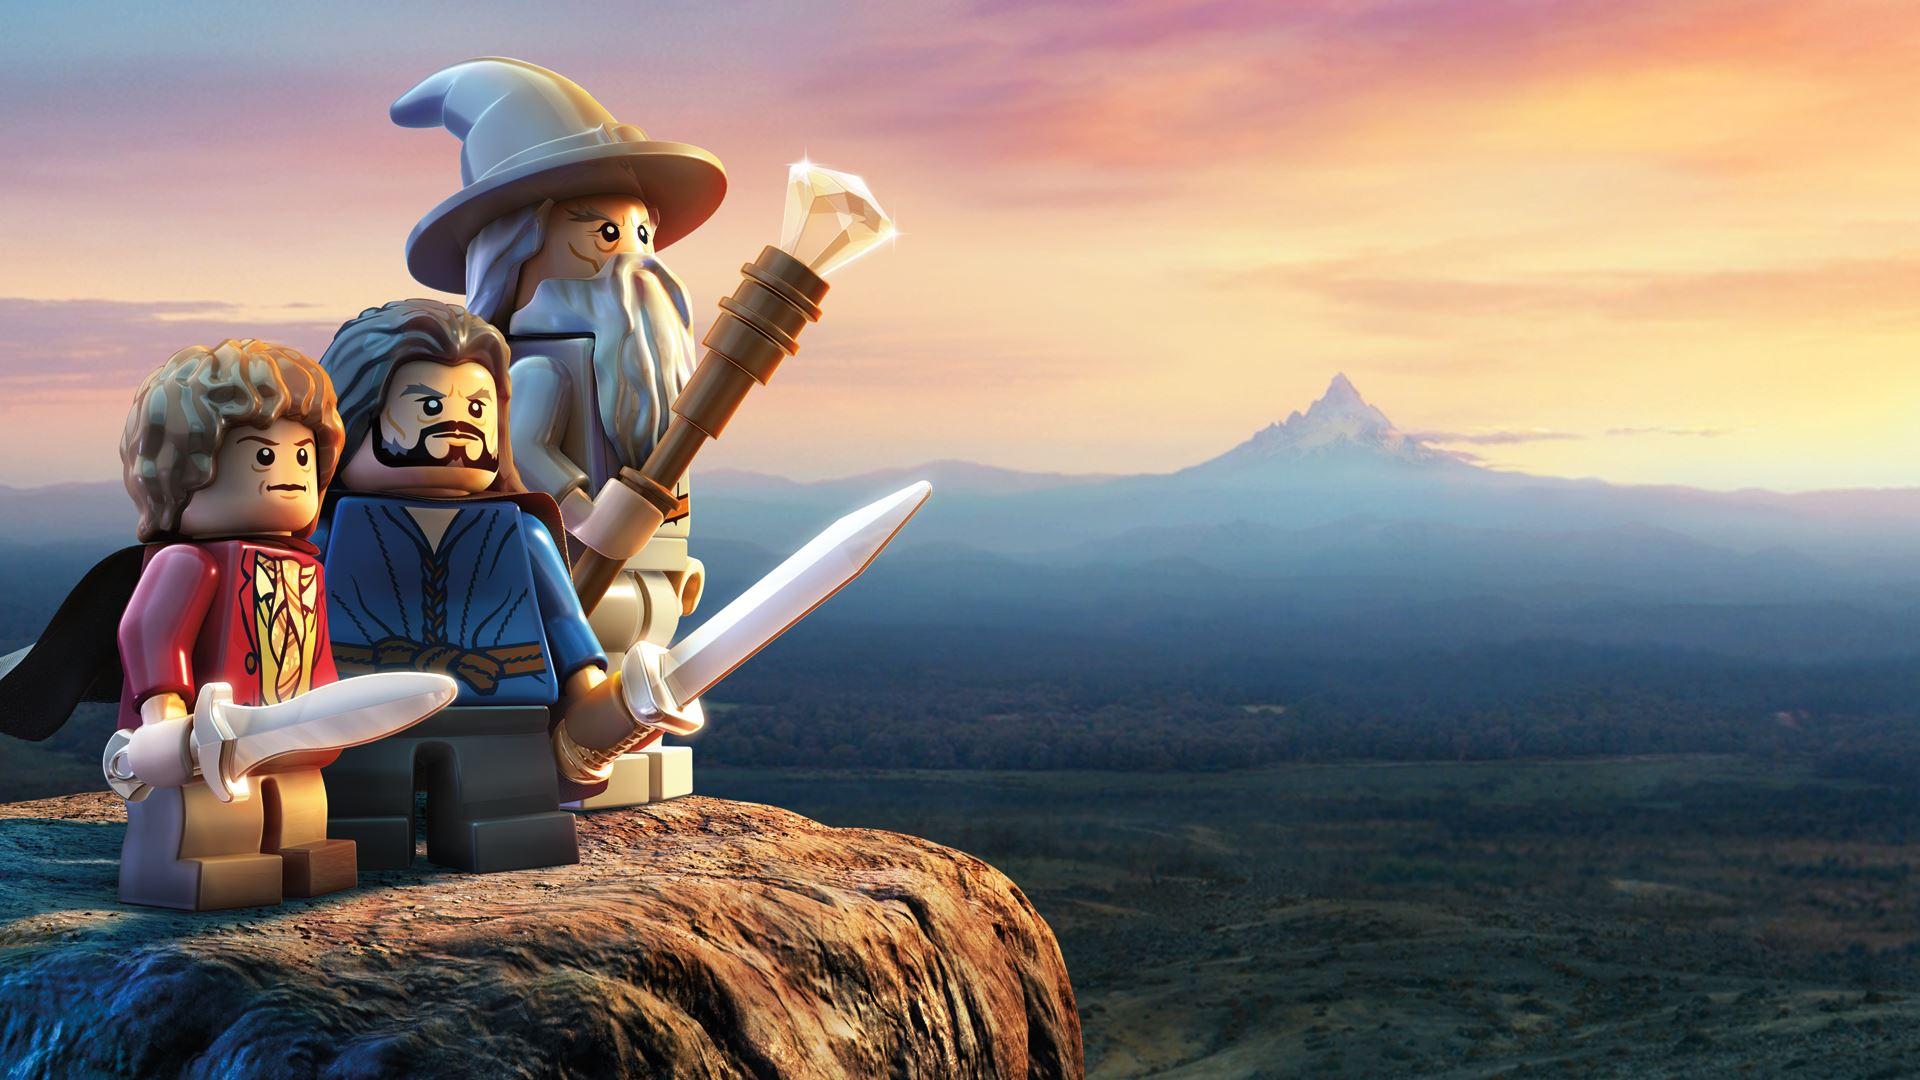 LEGO The Hobbit 1920x1080